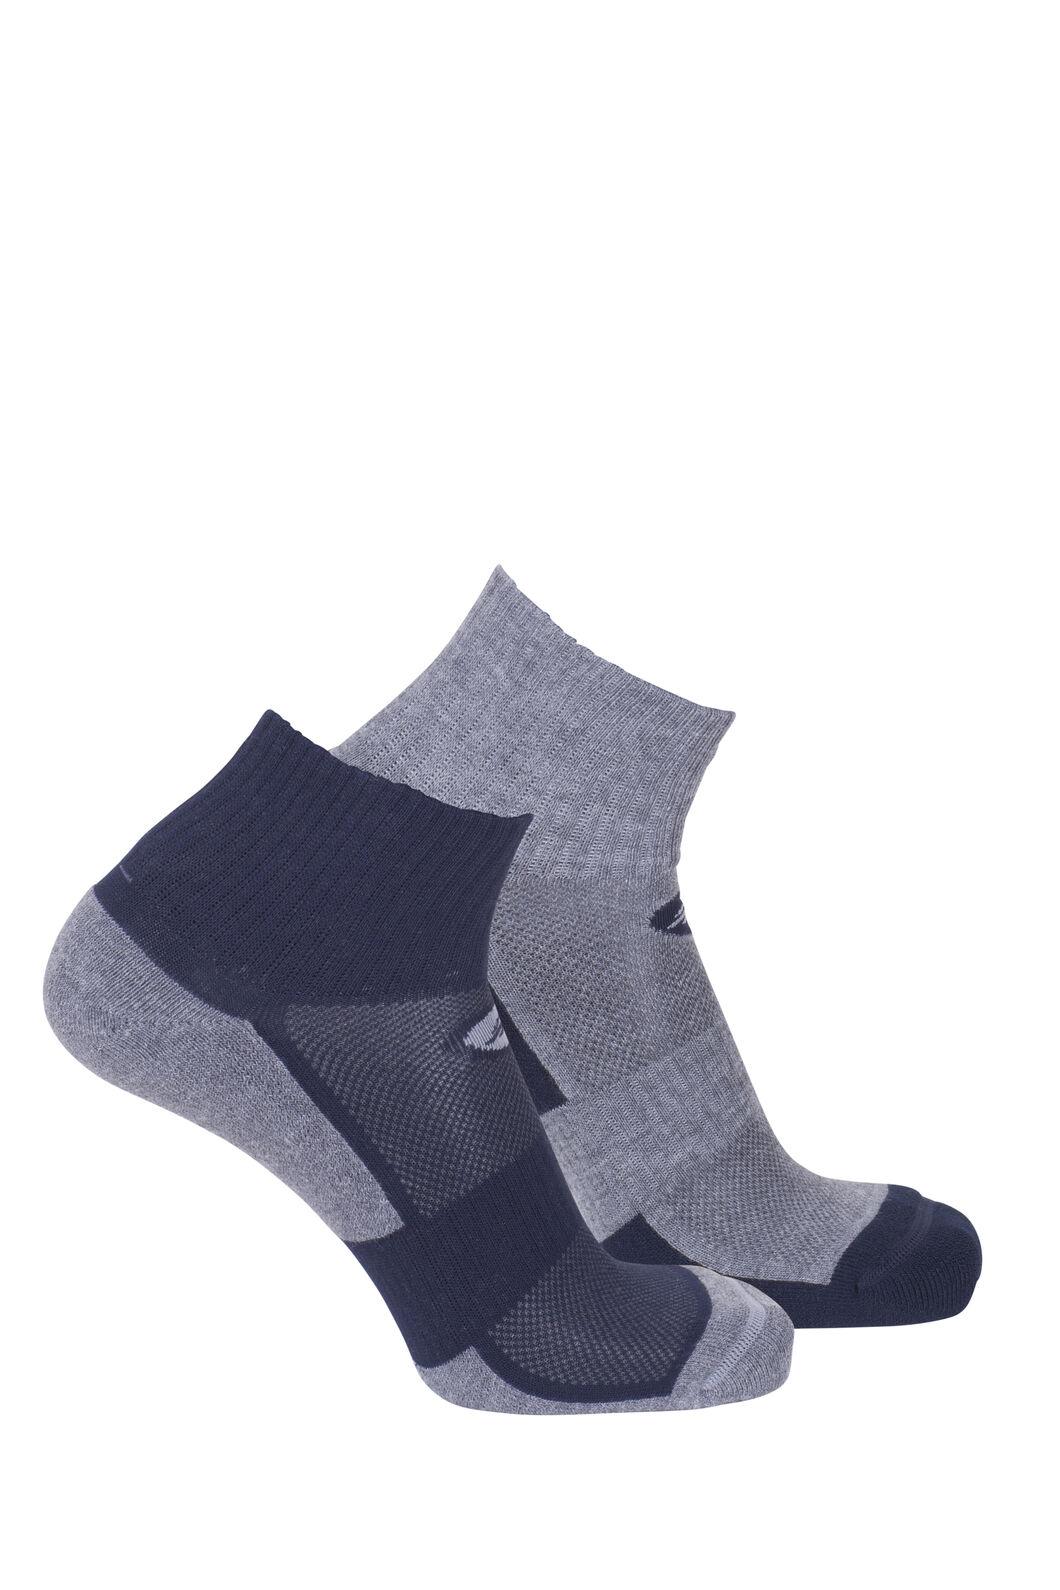 Macpac Cross Trainer Sock (2 Pack), Salute/Light Grey Marle, hi-res